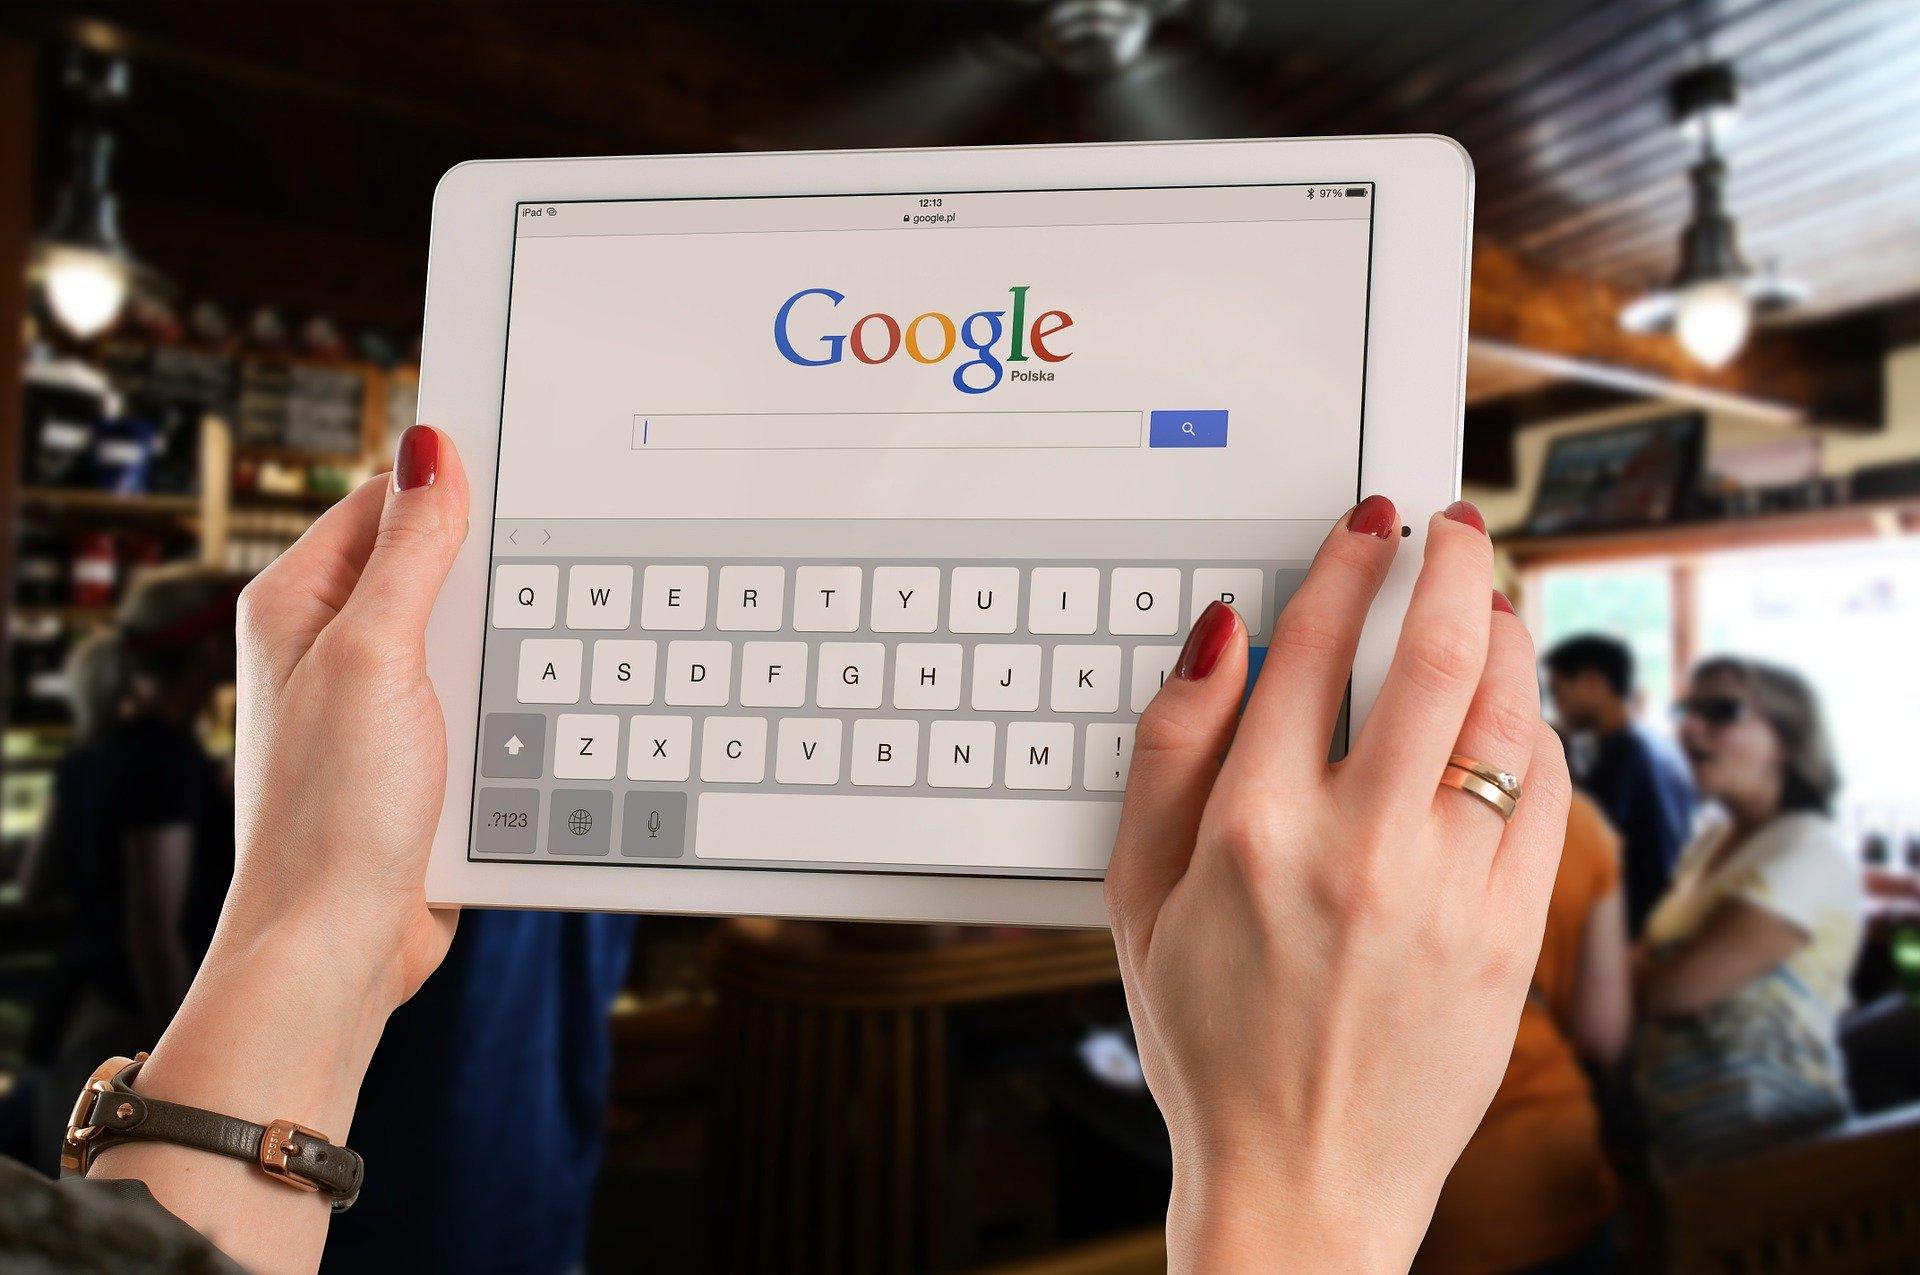 Imagem mostra uma pessoa usando o Google em um tablet.